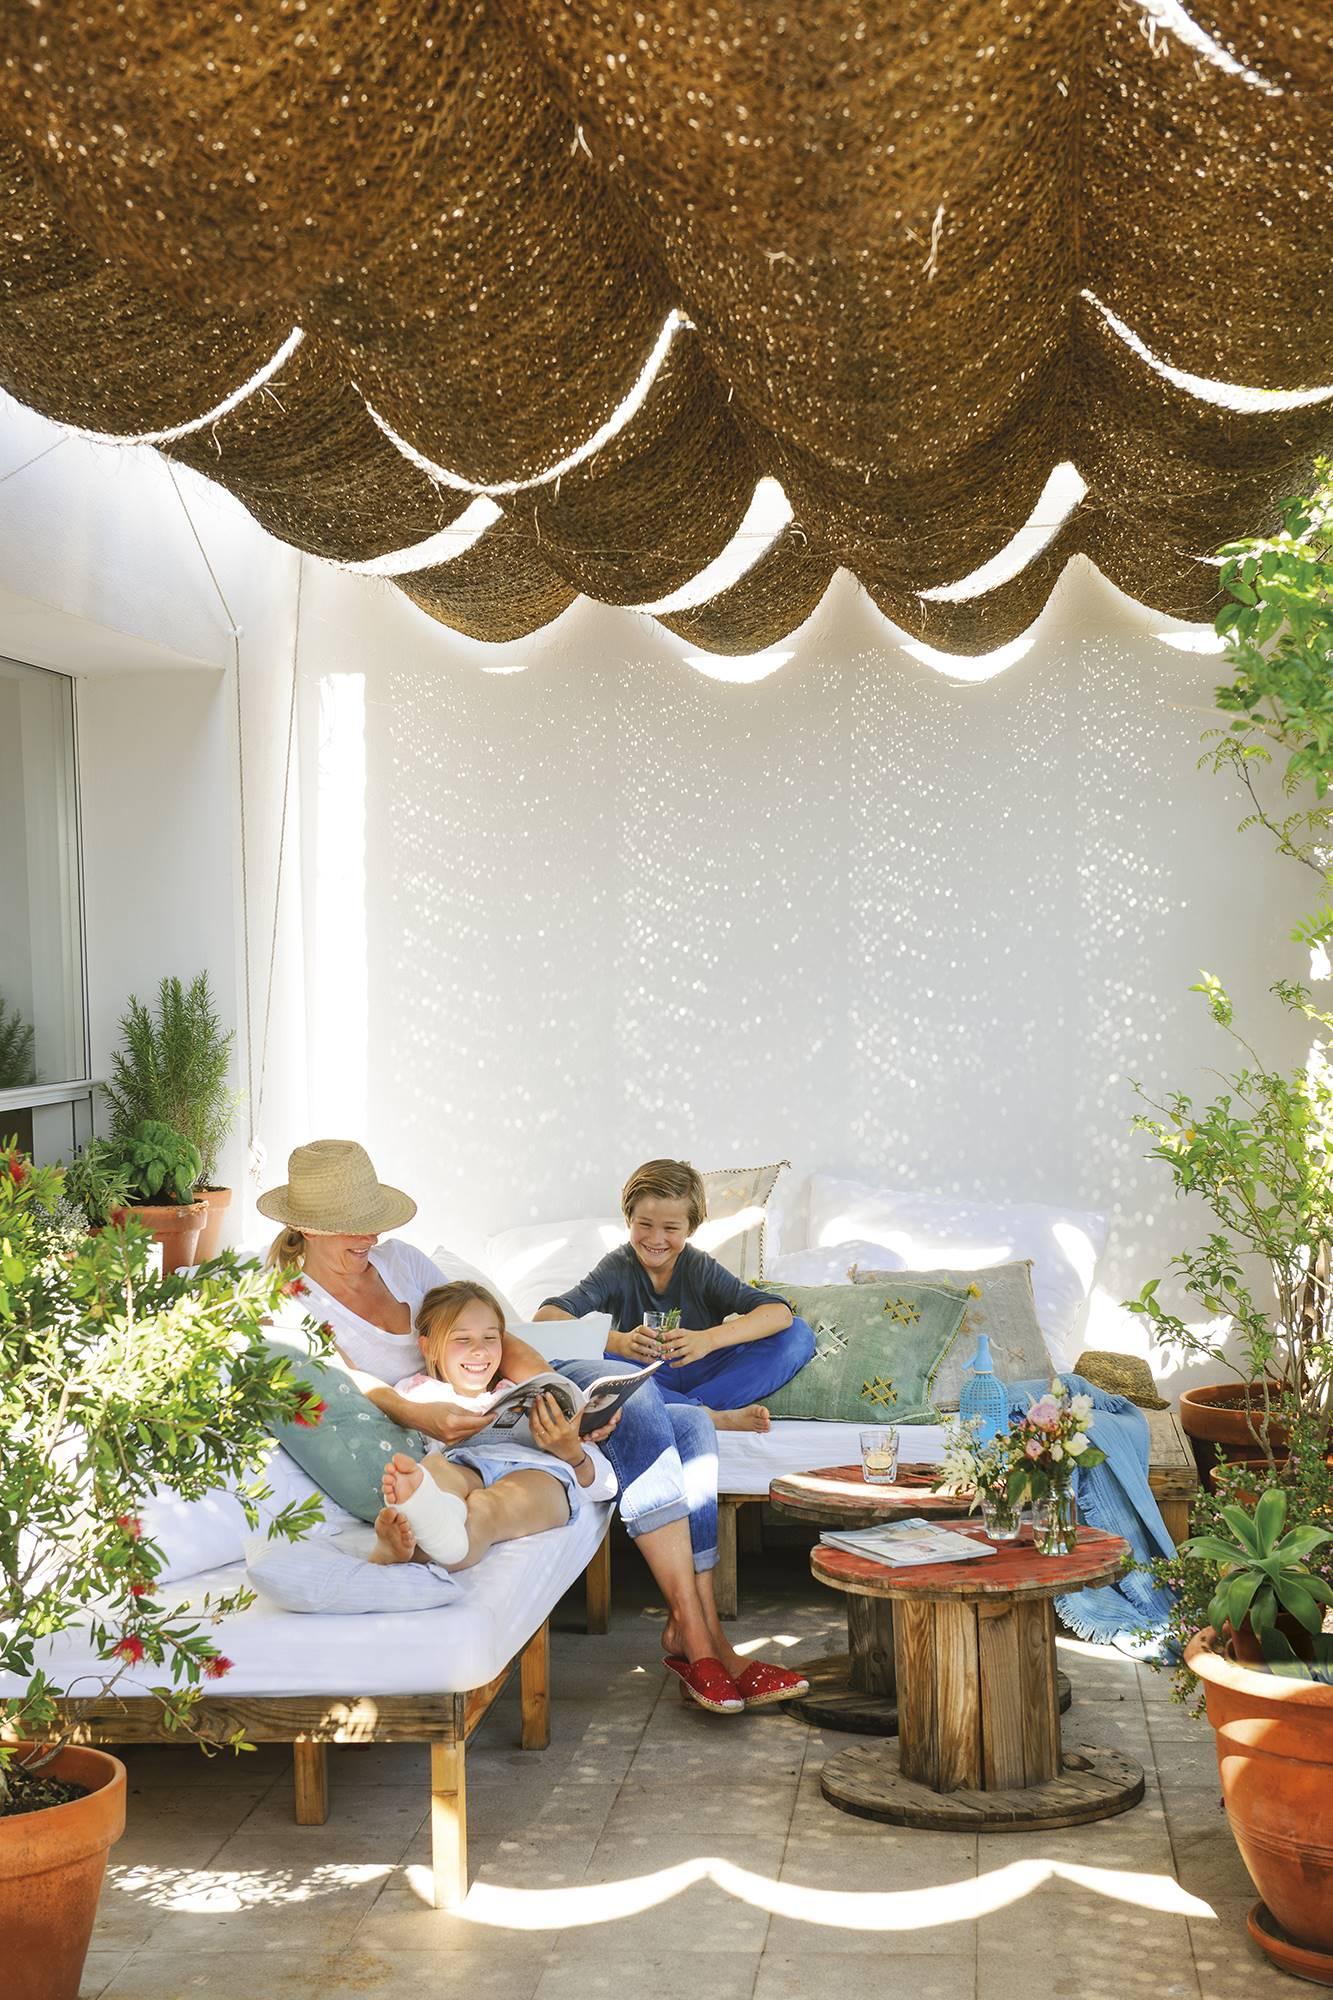 Familia en el porche de su casa. 1. Un dúplex en la ciudad que parece una casita mediterránea